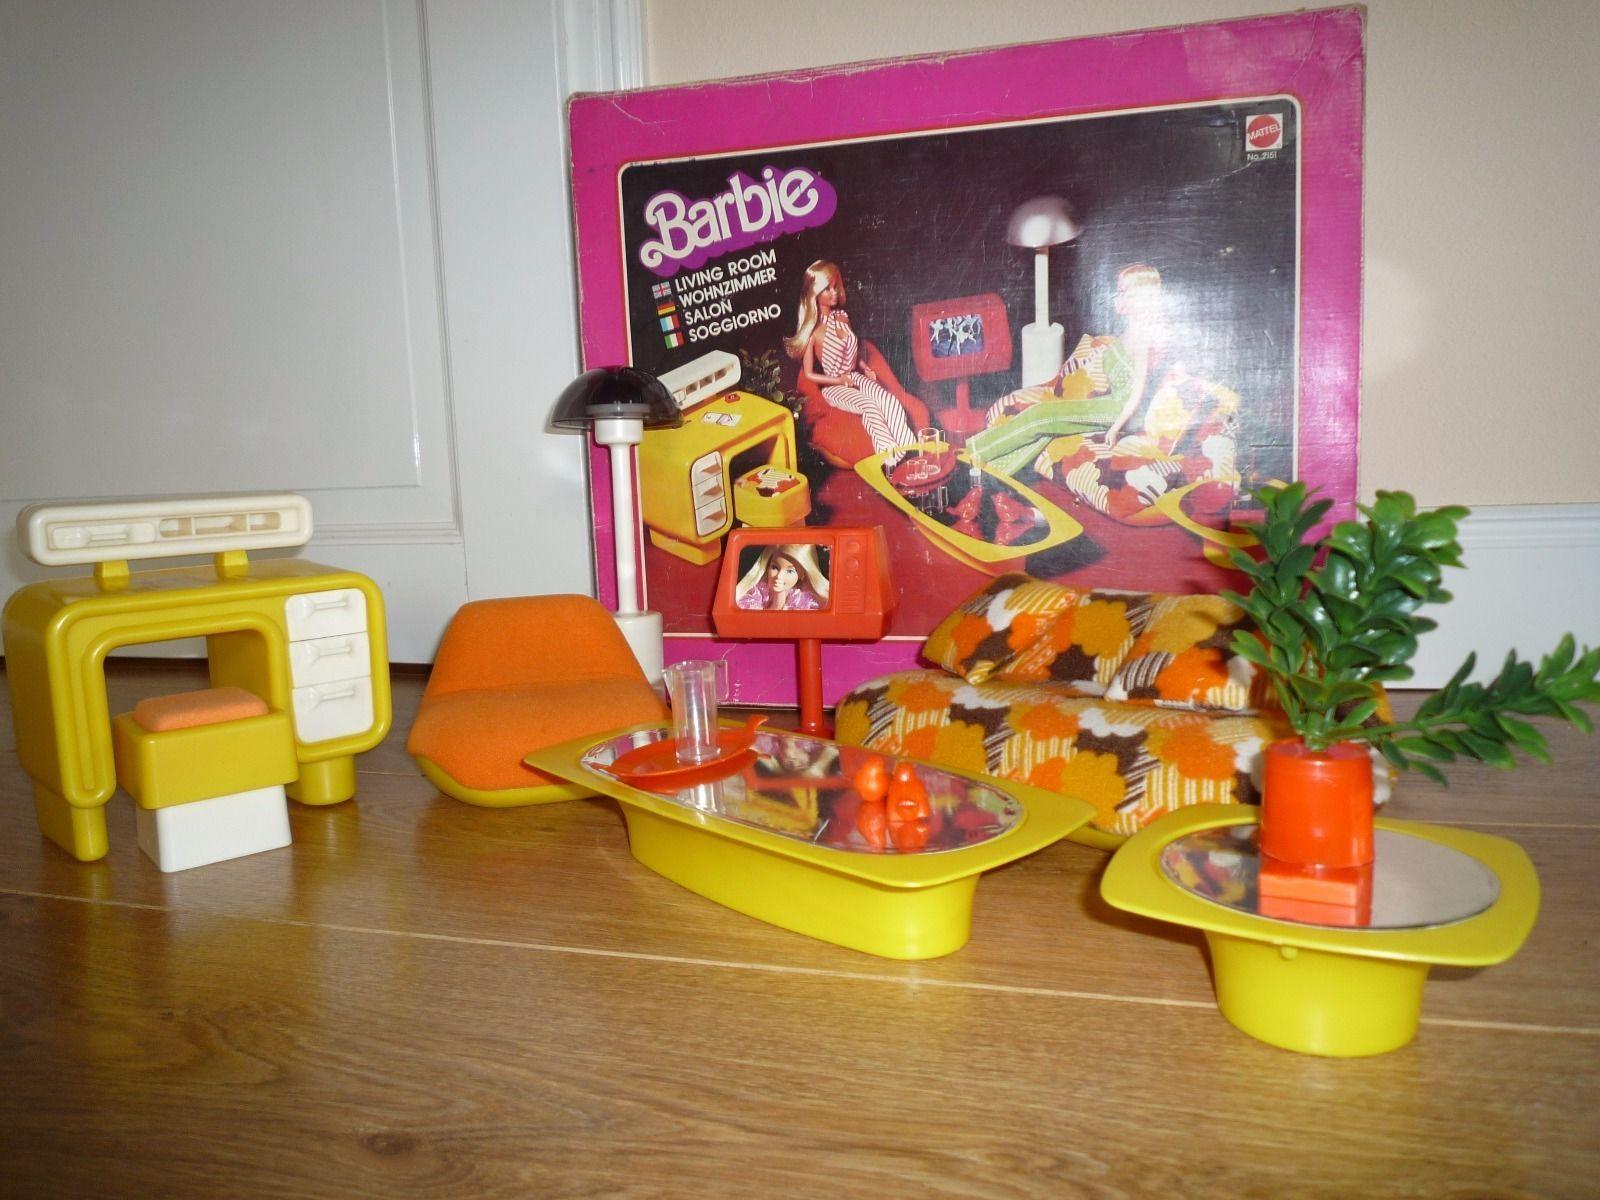 Barbie Wohnzimmer | Mattel Barbie Wohnzimmer 70er Jahre Vintage Mit Ovp Sammlerstuck